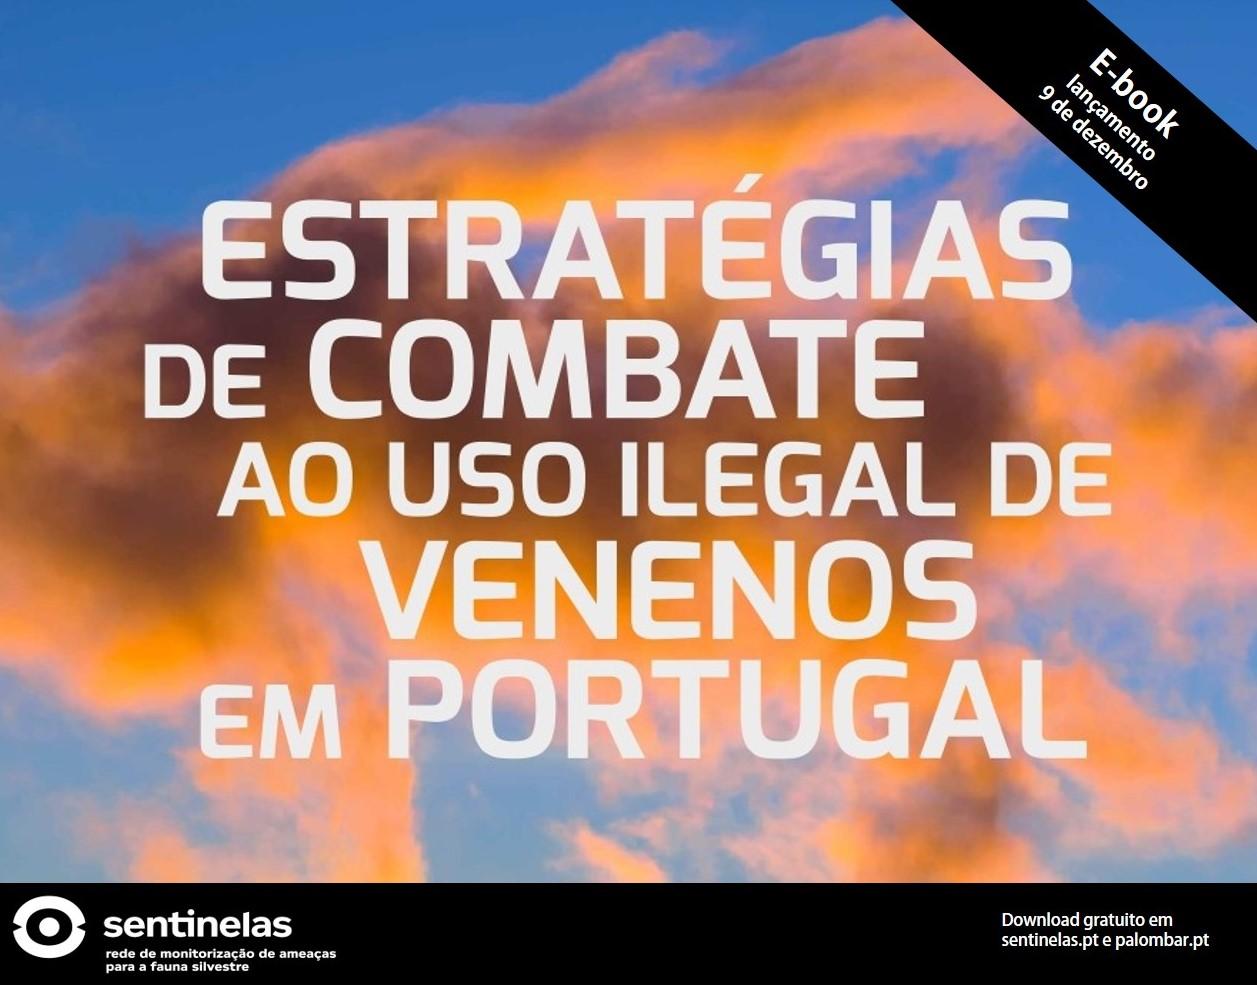 Projeto Sentinelas: livro revela estratégias de combate ao furtivismo no país e aborda procedimentos do novo protocolo do Programa Antídoto Portugal